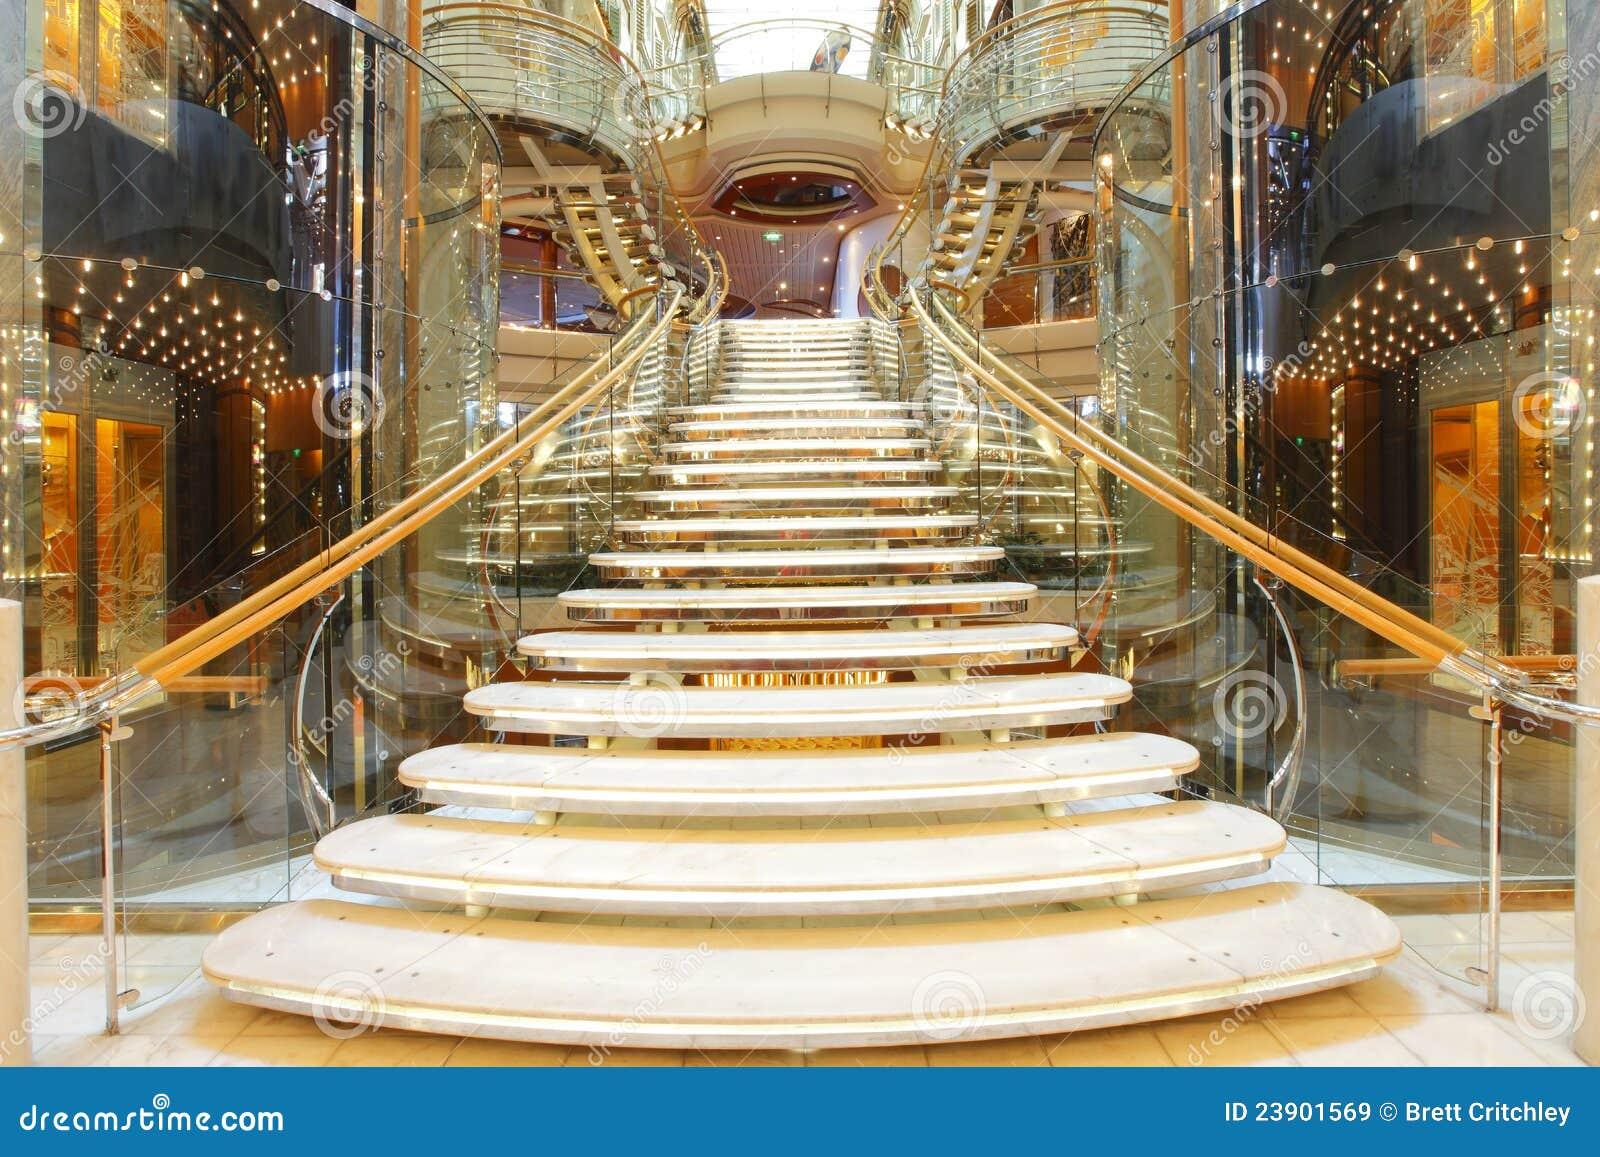 Escalera de lujo imagen de archivo imagen de lujo traves a 23901569 - Escaleras de casas de lujo ...